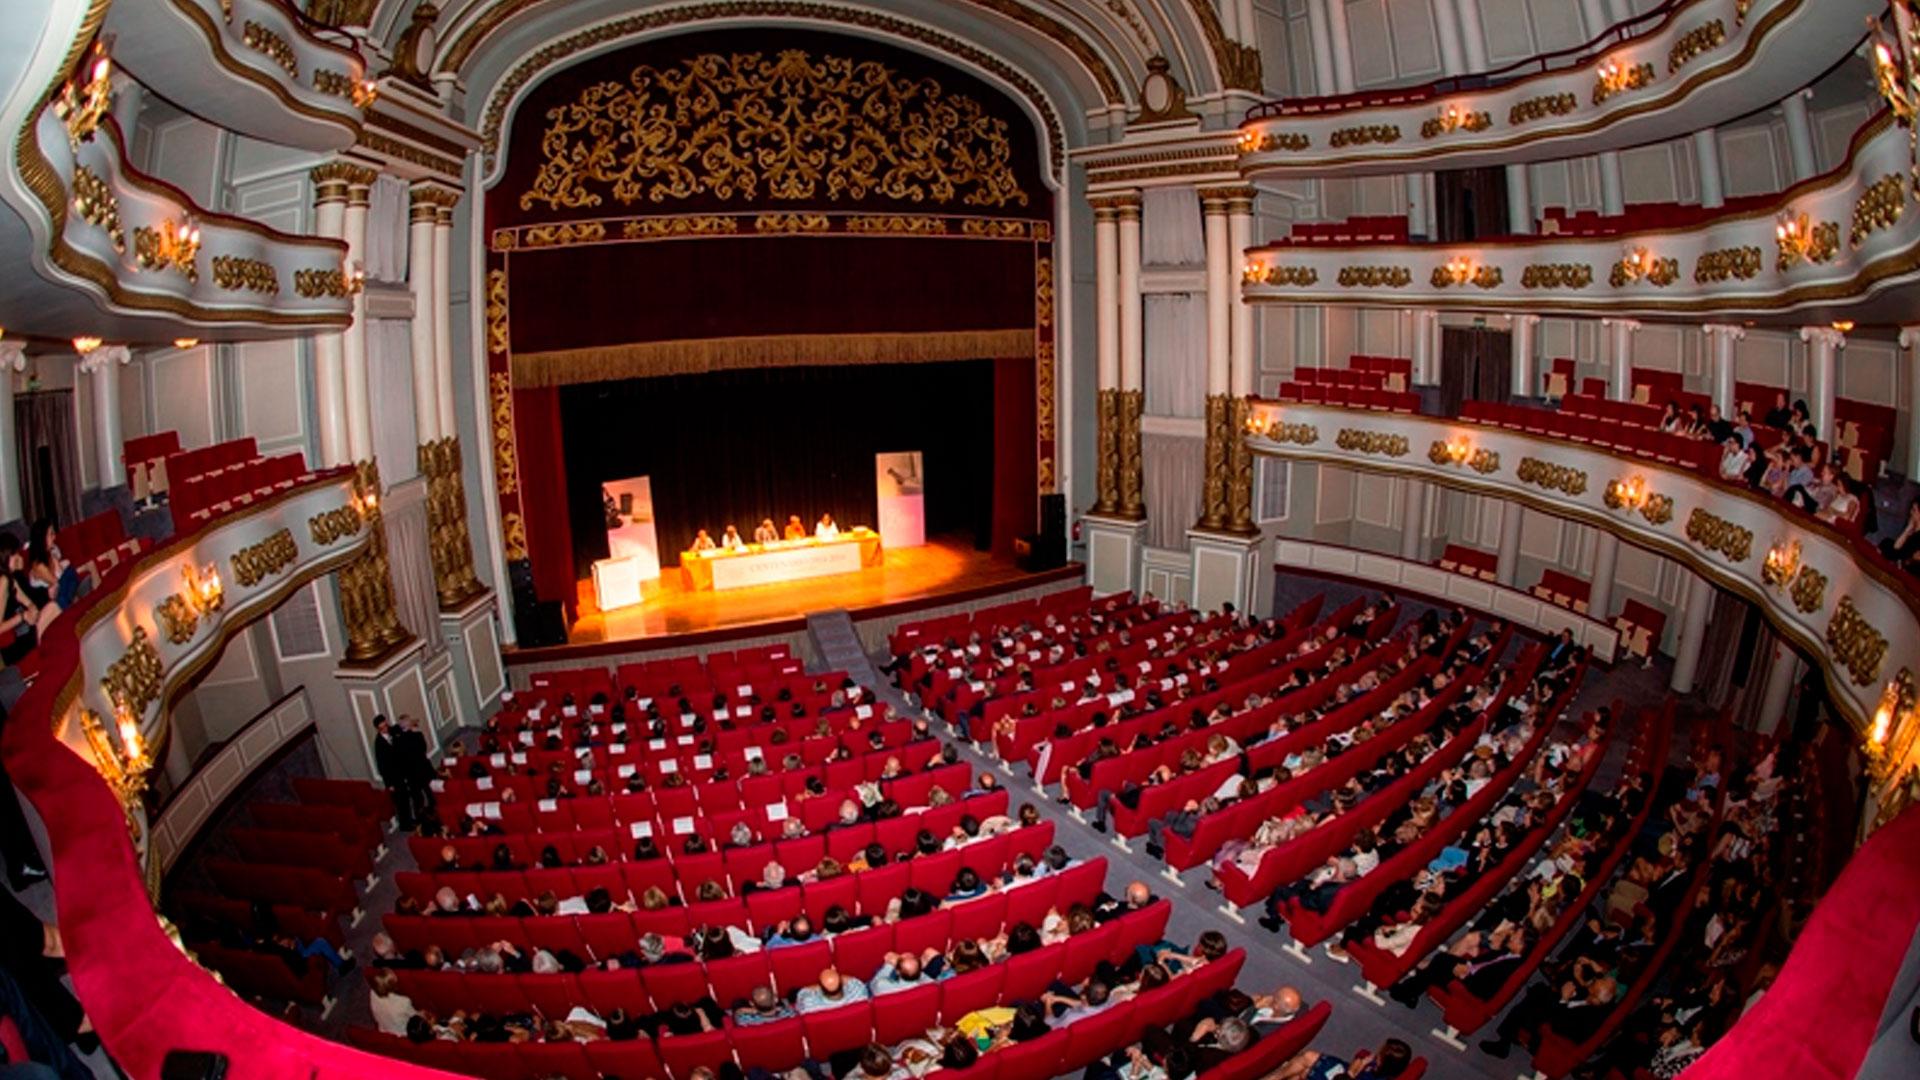 La Sinfónica de Galicia inicia su temporada de conciertos en Vigo con un programa con obras de Haydn, Strauss, Milhaud y Stravinski bajo dirección de Slobodeniouk